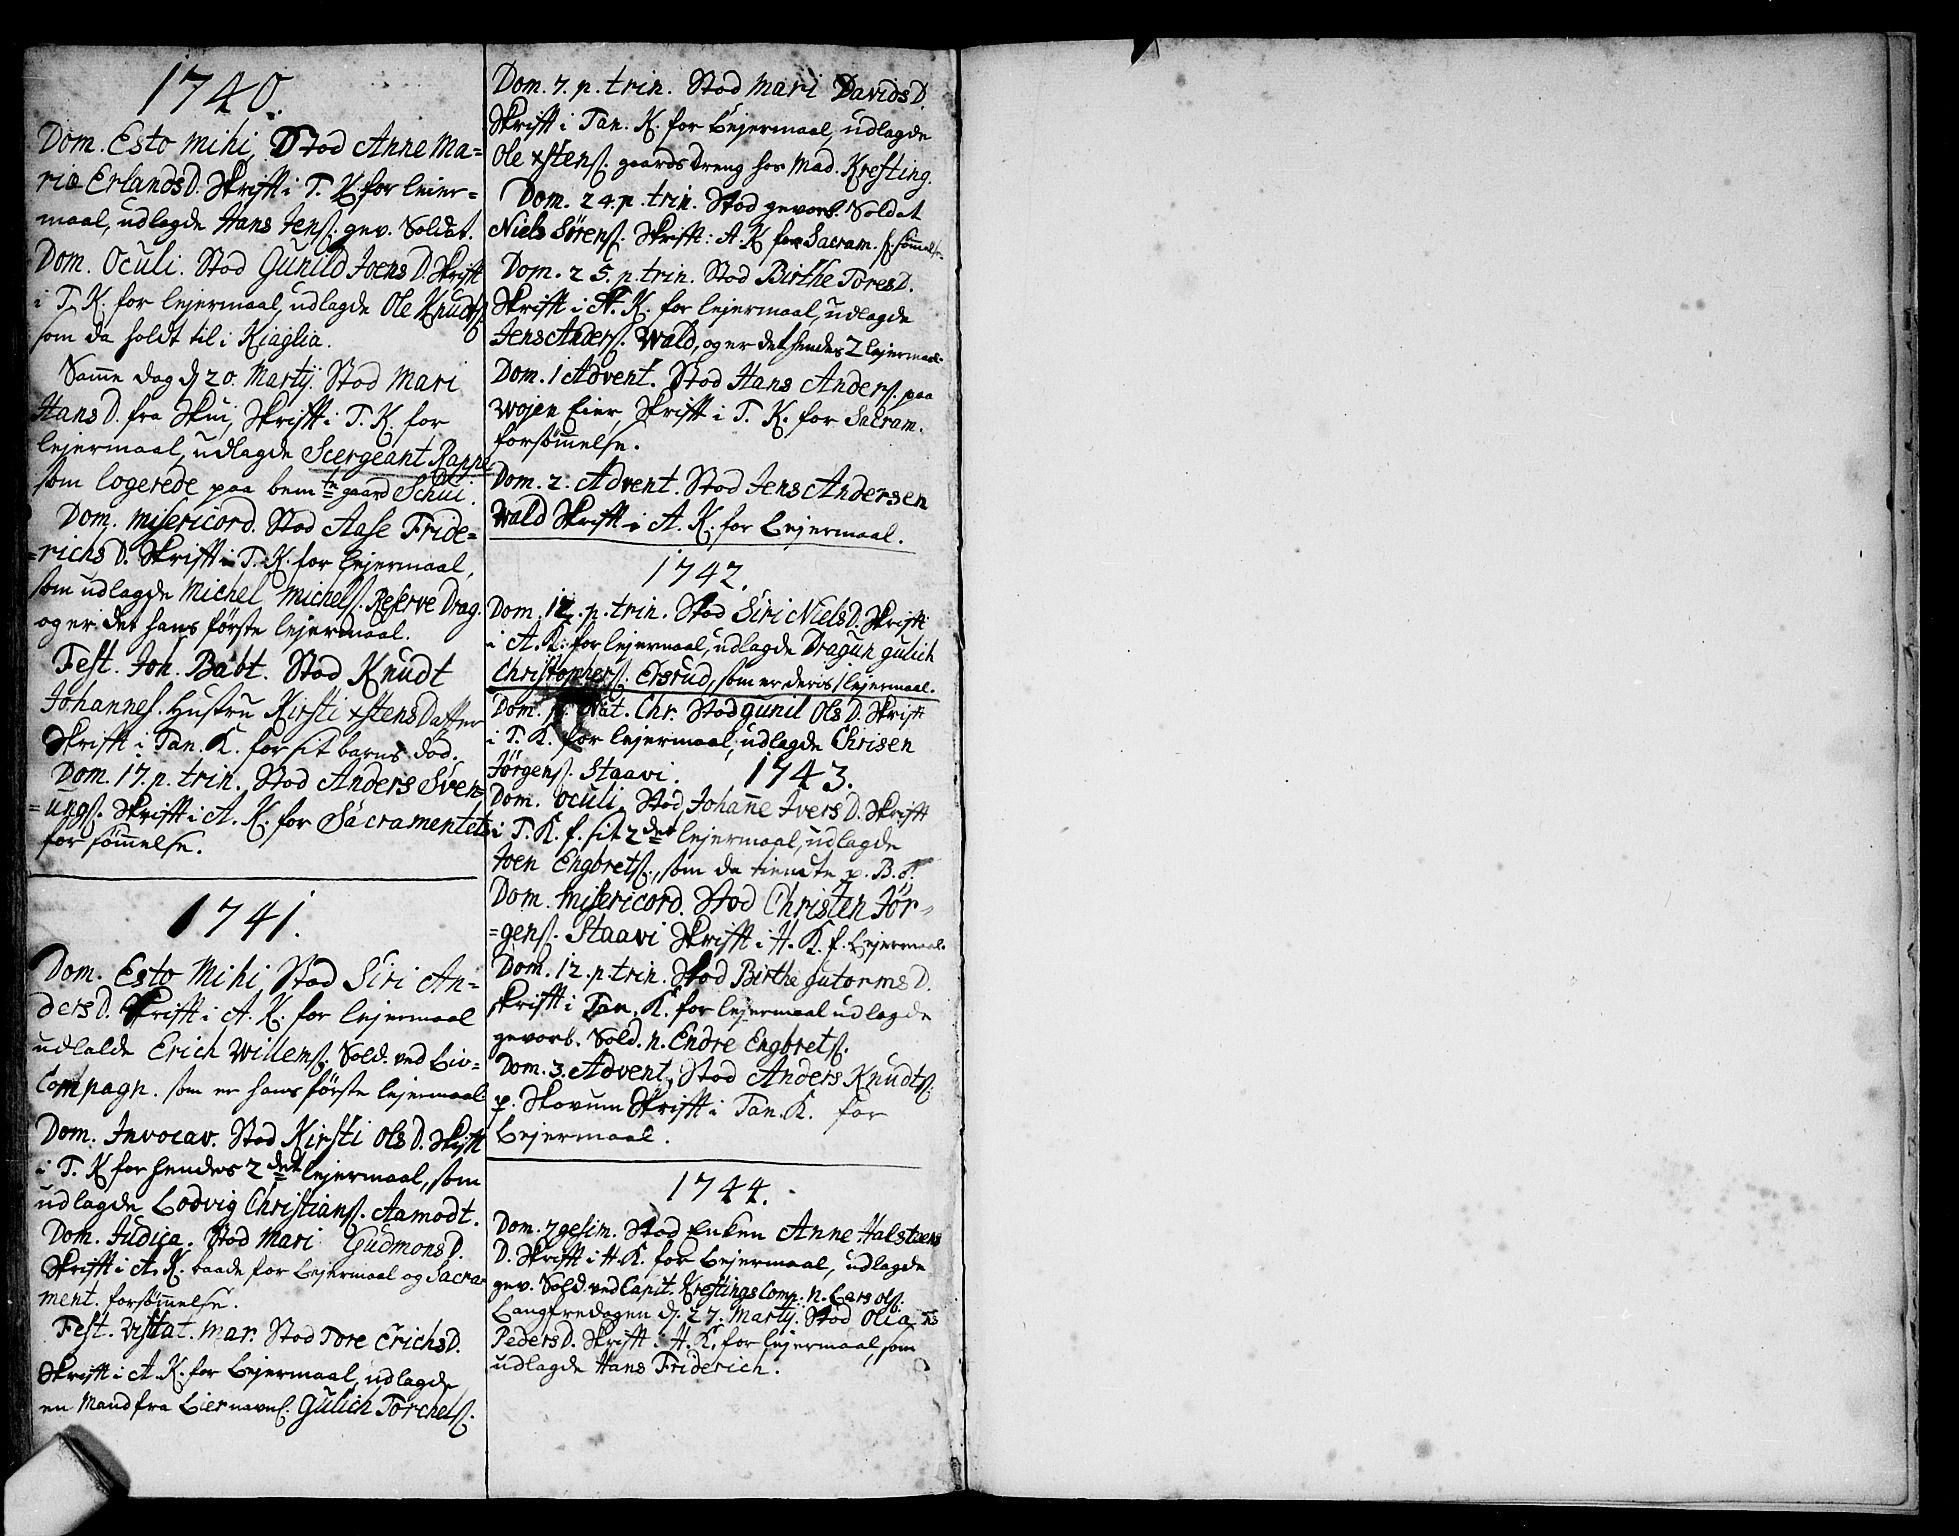 SAO, Asker prestekontor Kirkebøker, F/Fa/L0001: Ministerialbok nr. I 1, 1726-1744, s. 115